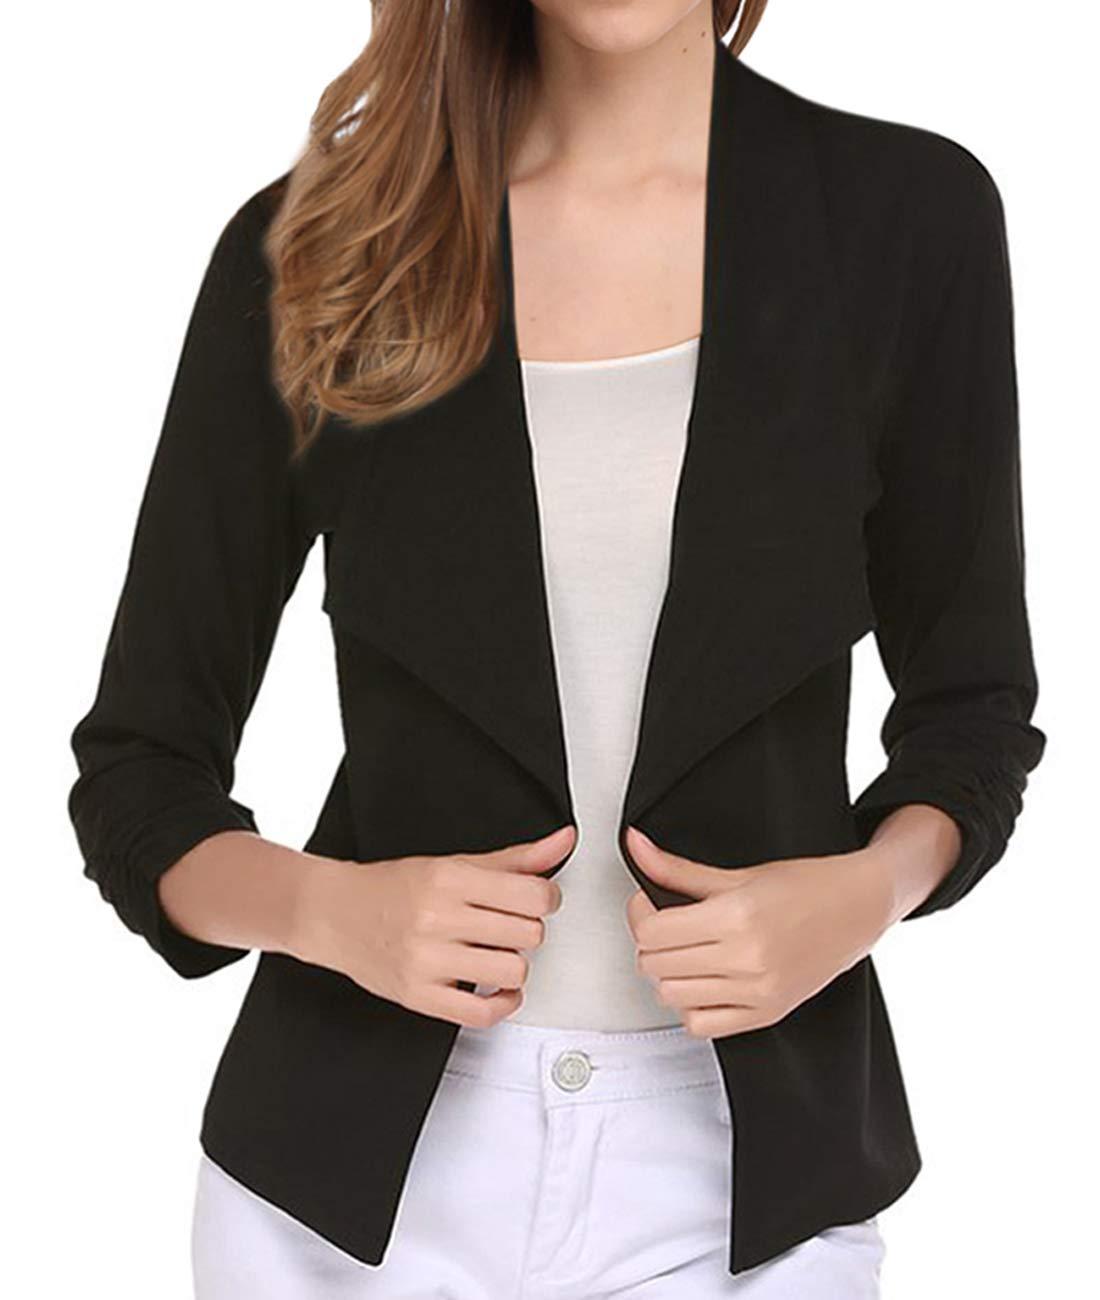 VeryAnn Women's Black White Coat Outwear Blazer Open Front Sweater Cardigans (Black, Small)